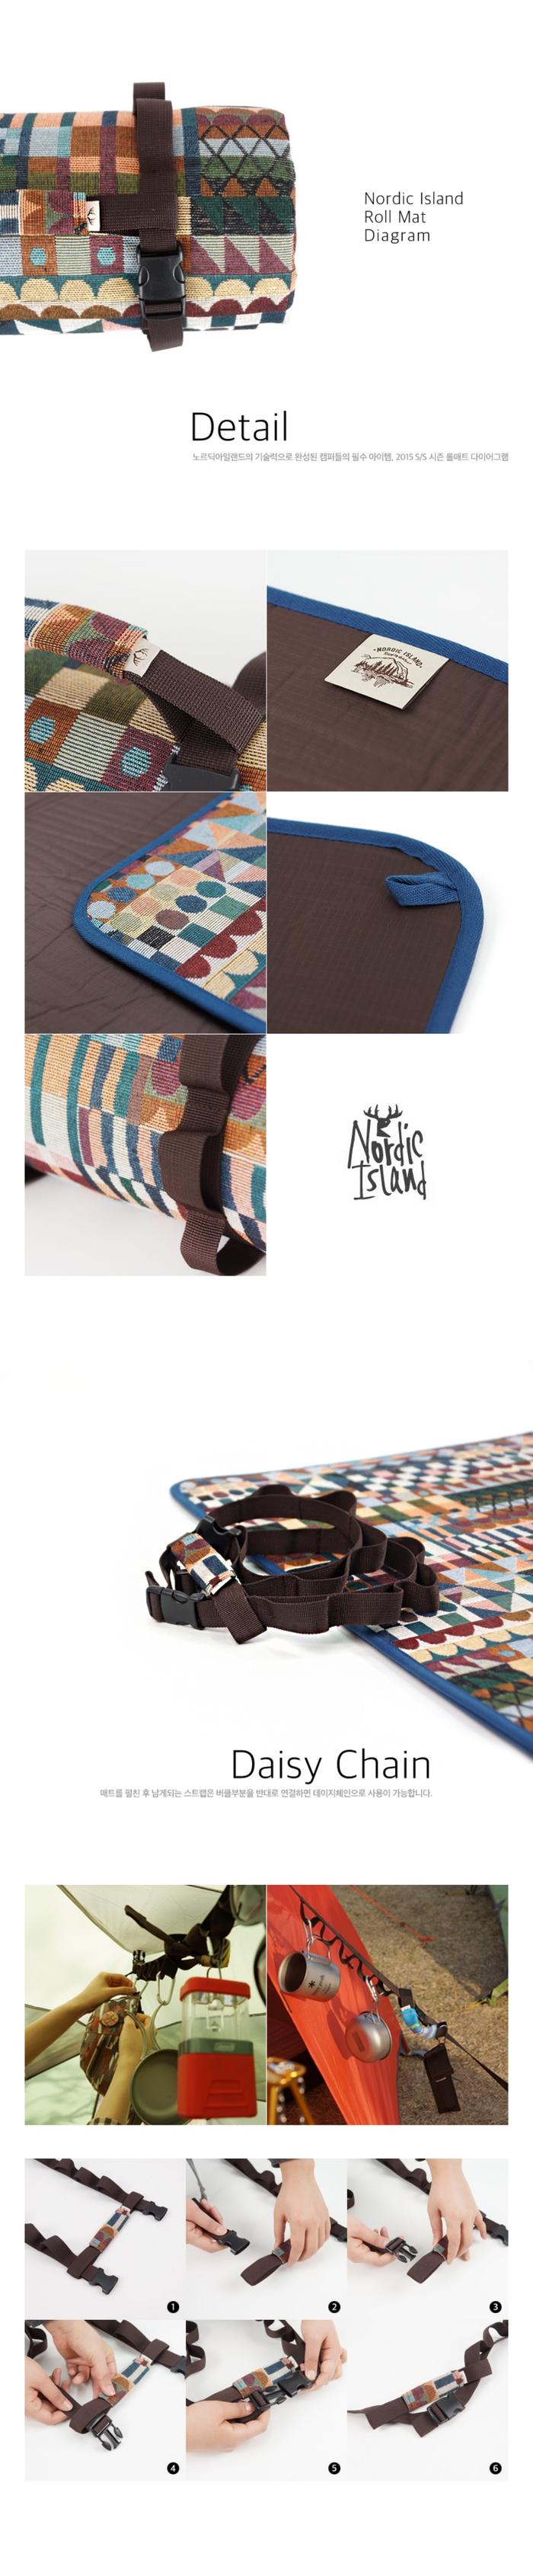 (複製)NORDIC ISLAND | Roll mat防水野餐墊 (Indian White)